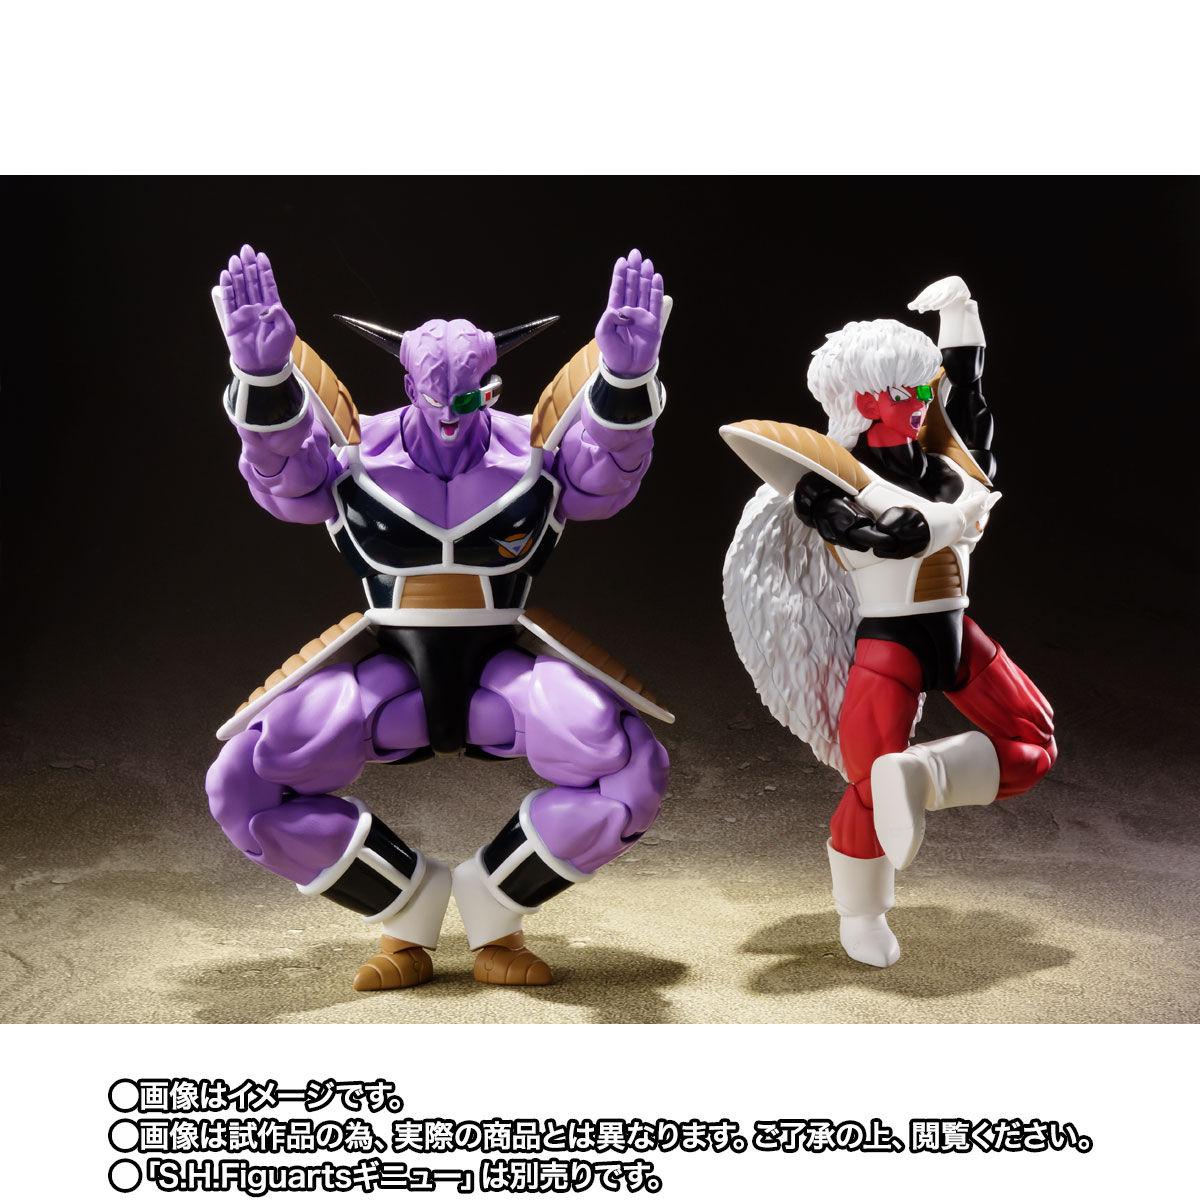 【限定販売】S.H.Figuarts『ジース』ドラゴンボールZ 可動フィギュア-008